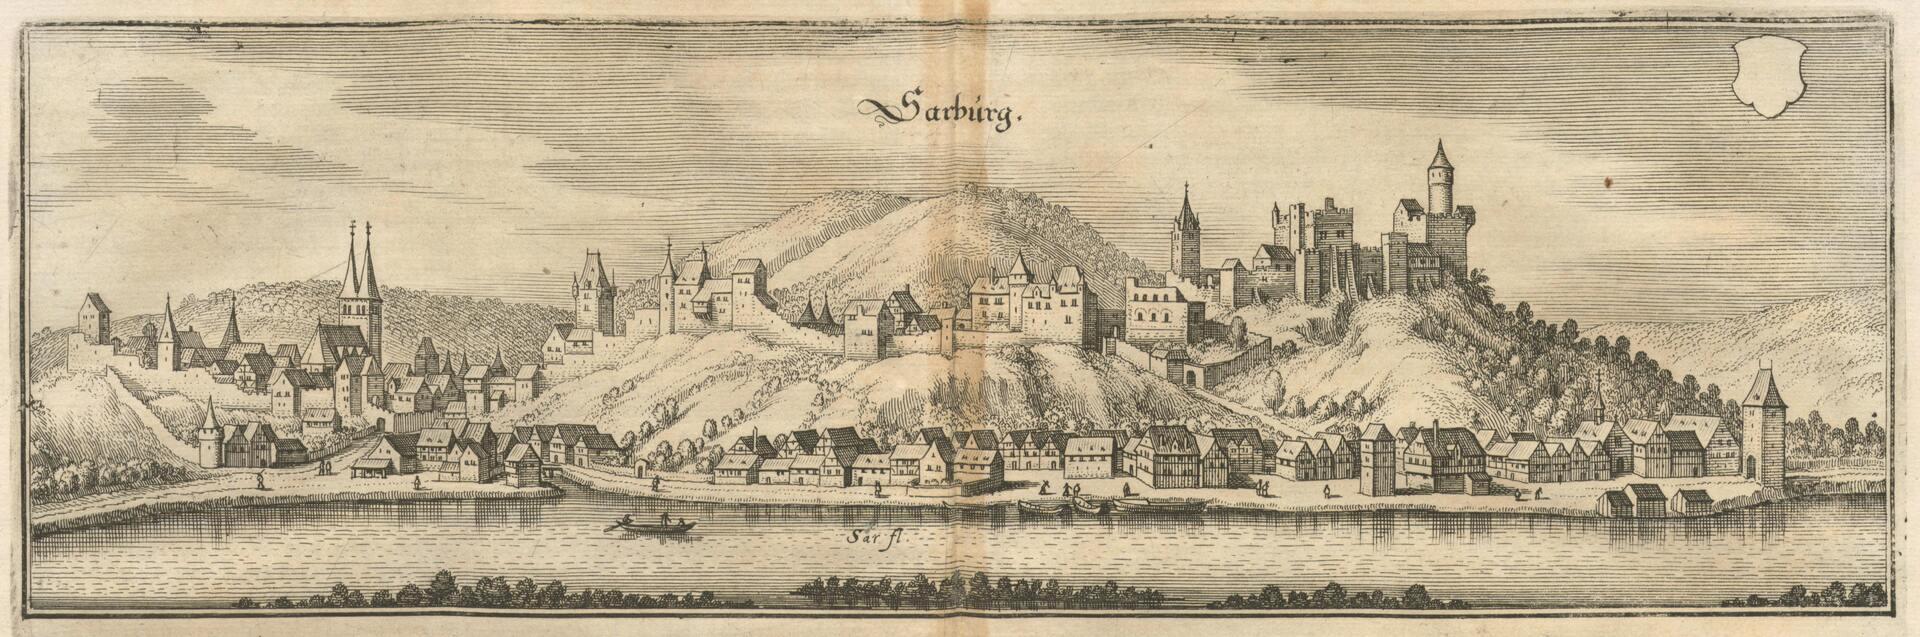 Saarburg.jpg